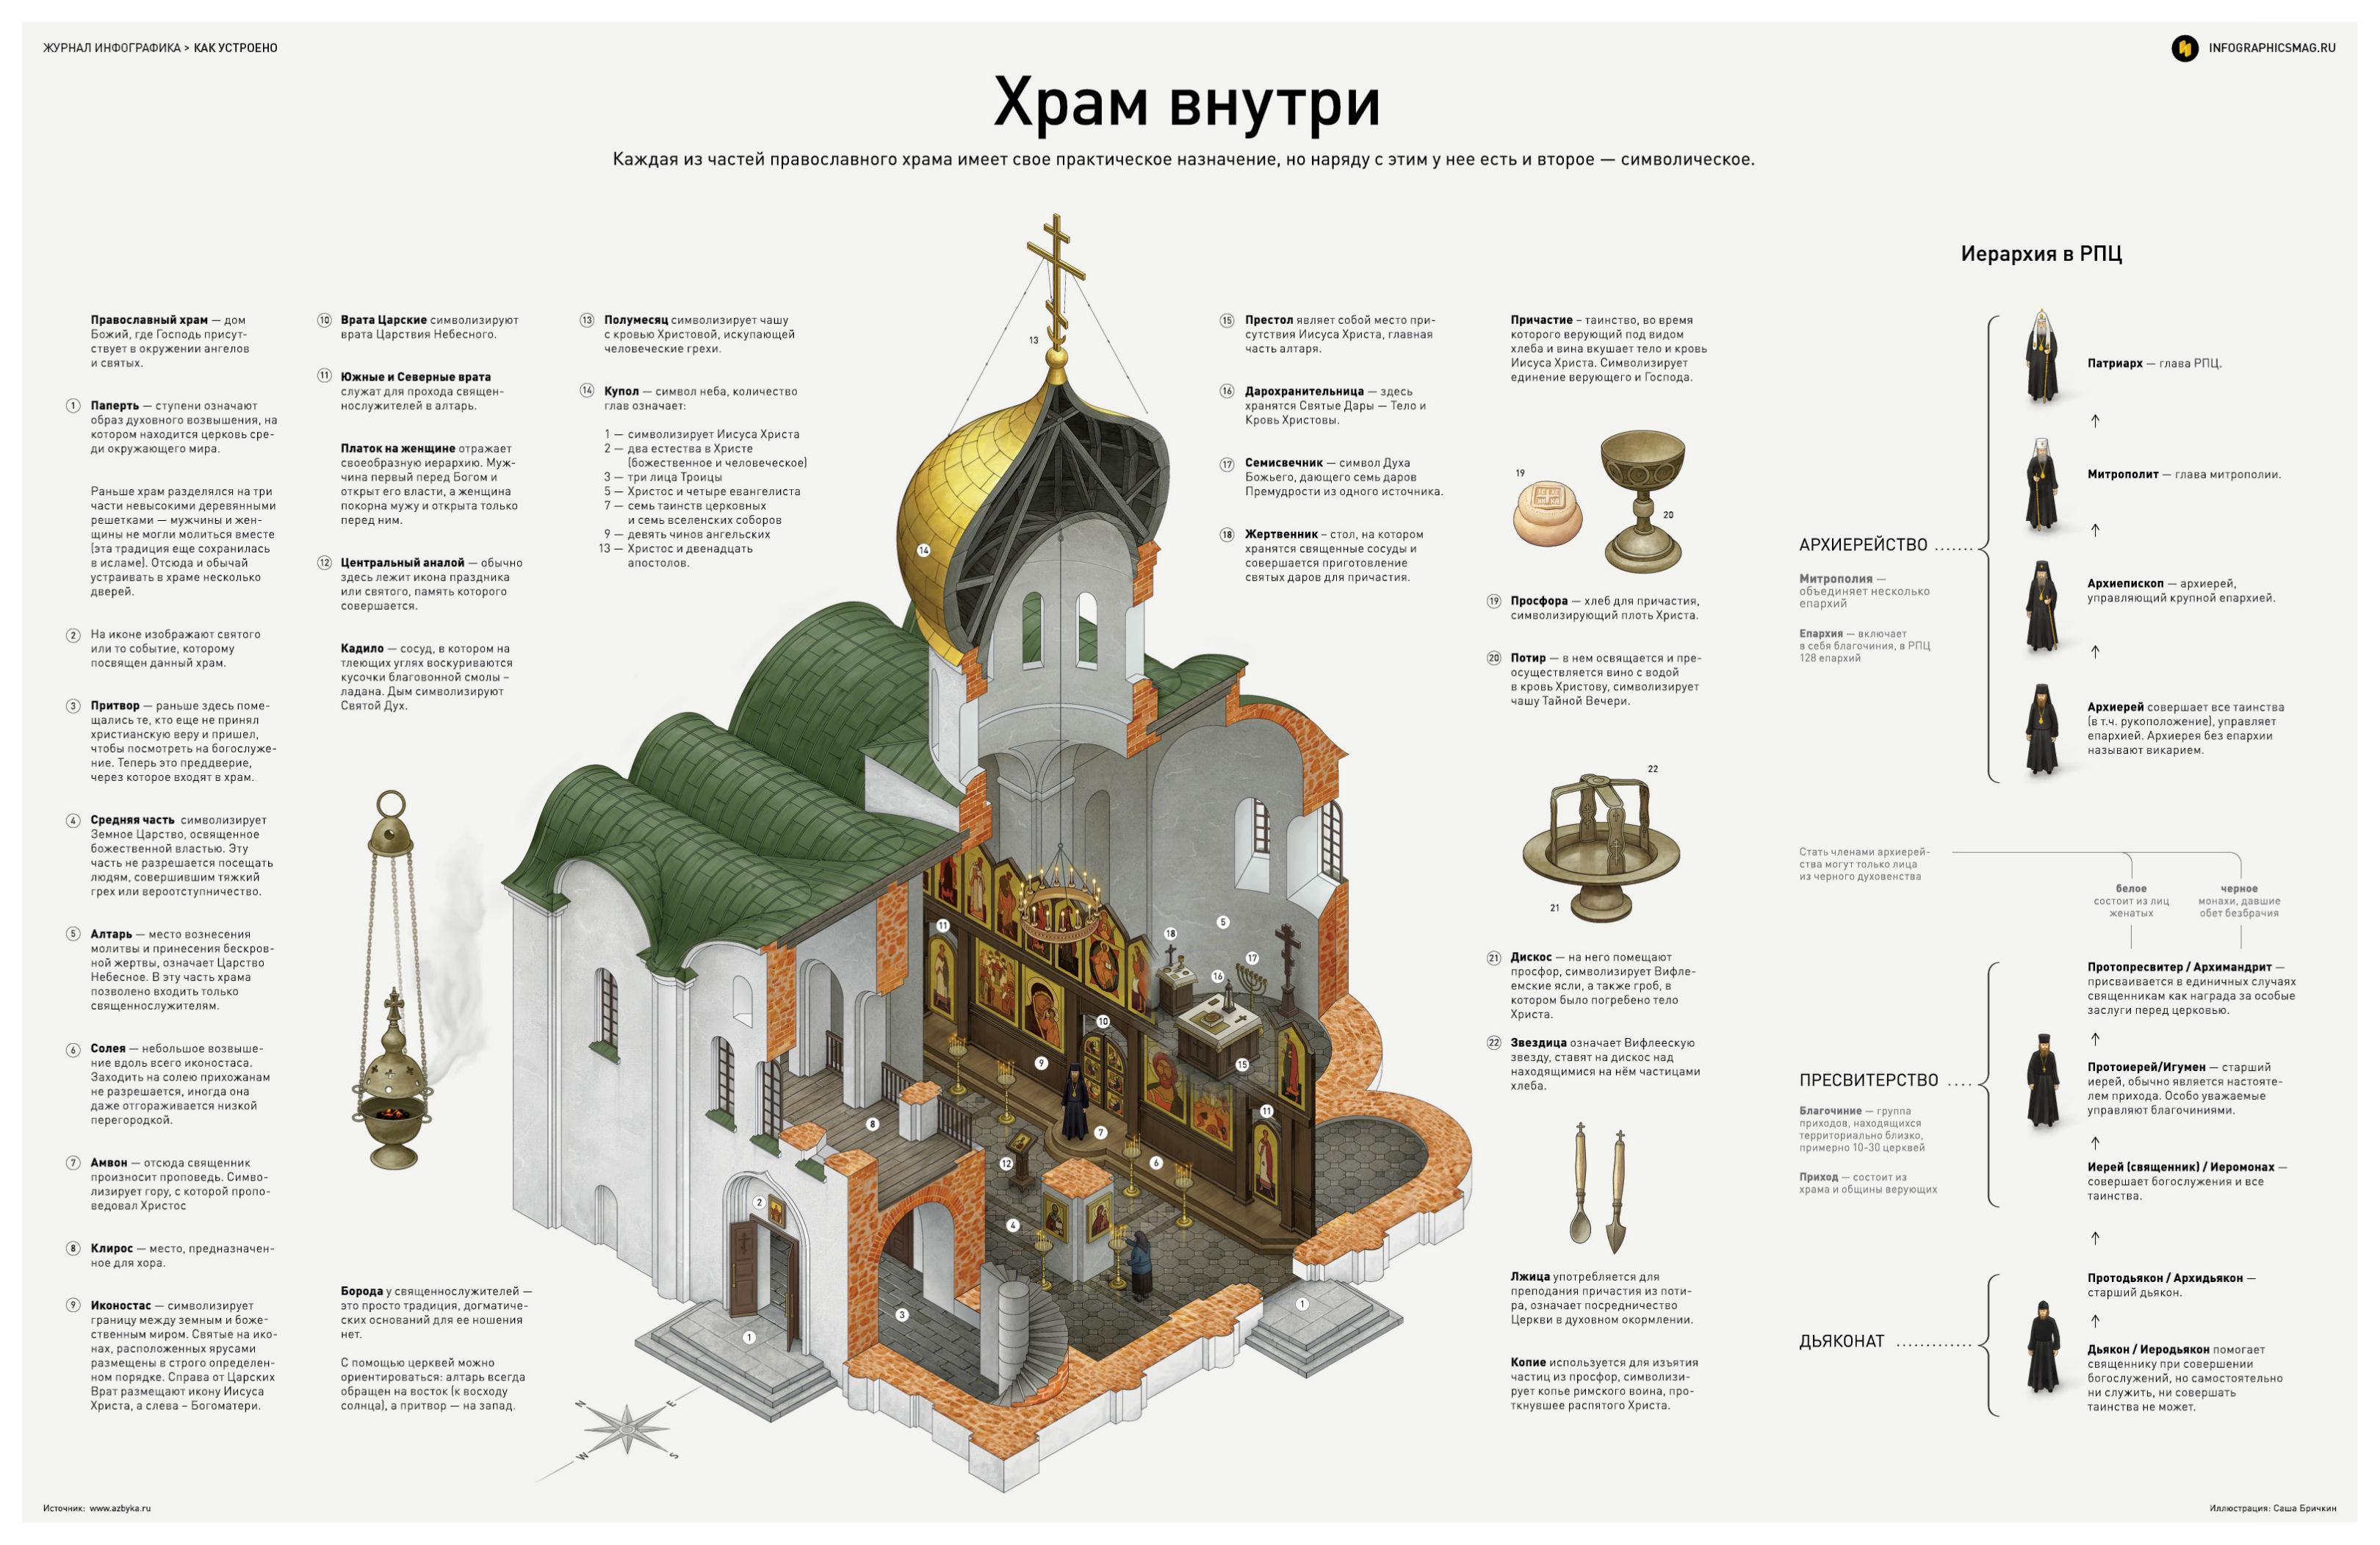 Храм внутри. Инфографика